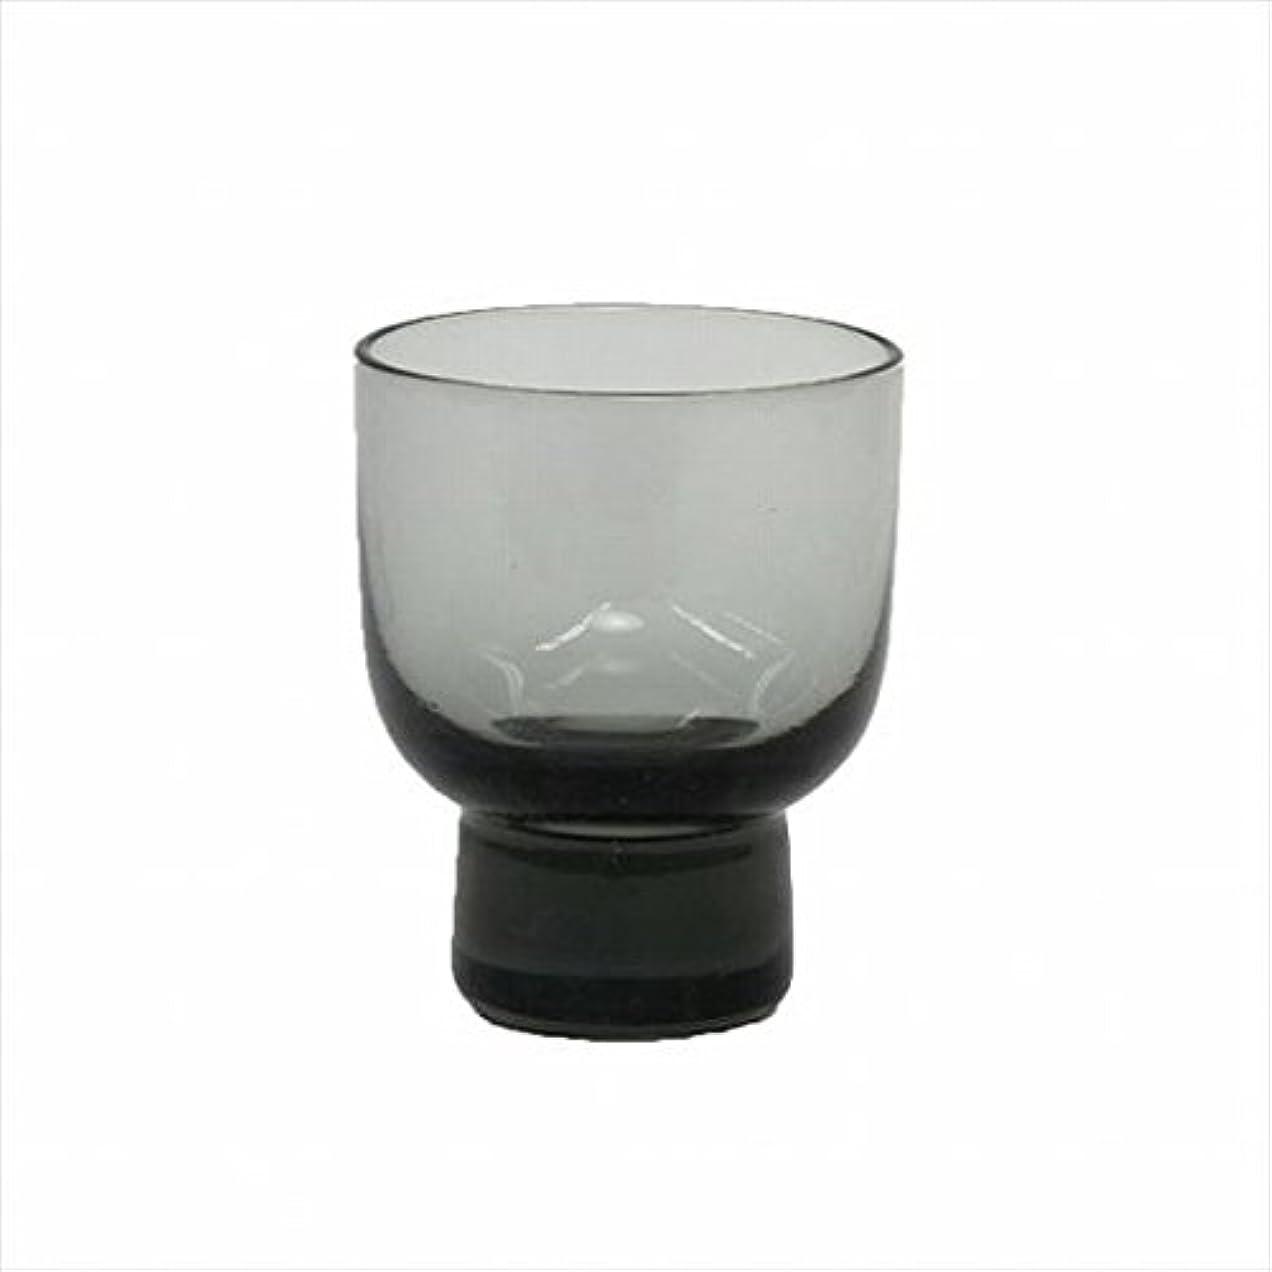 の間にディスク櫛カメヤマキャンドル(kameyama candle) ロキカップ 「 スモーク 」